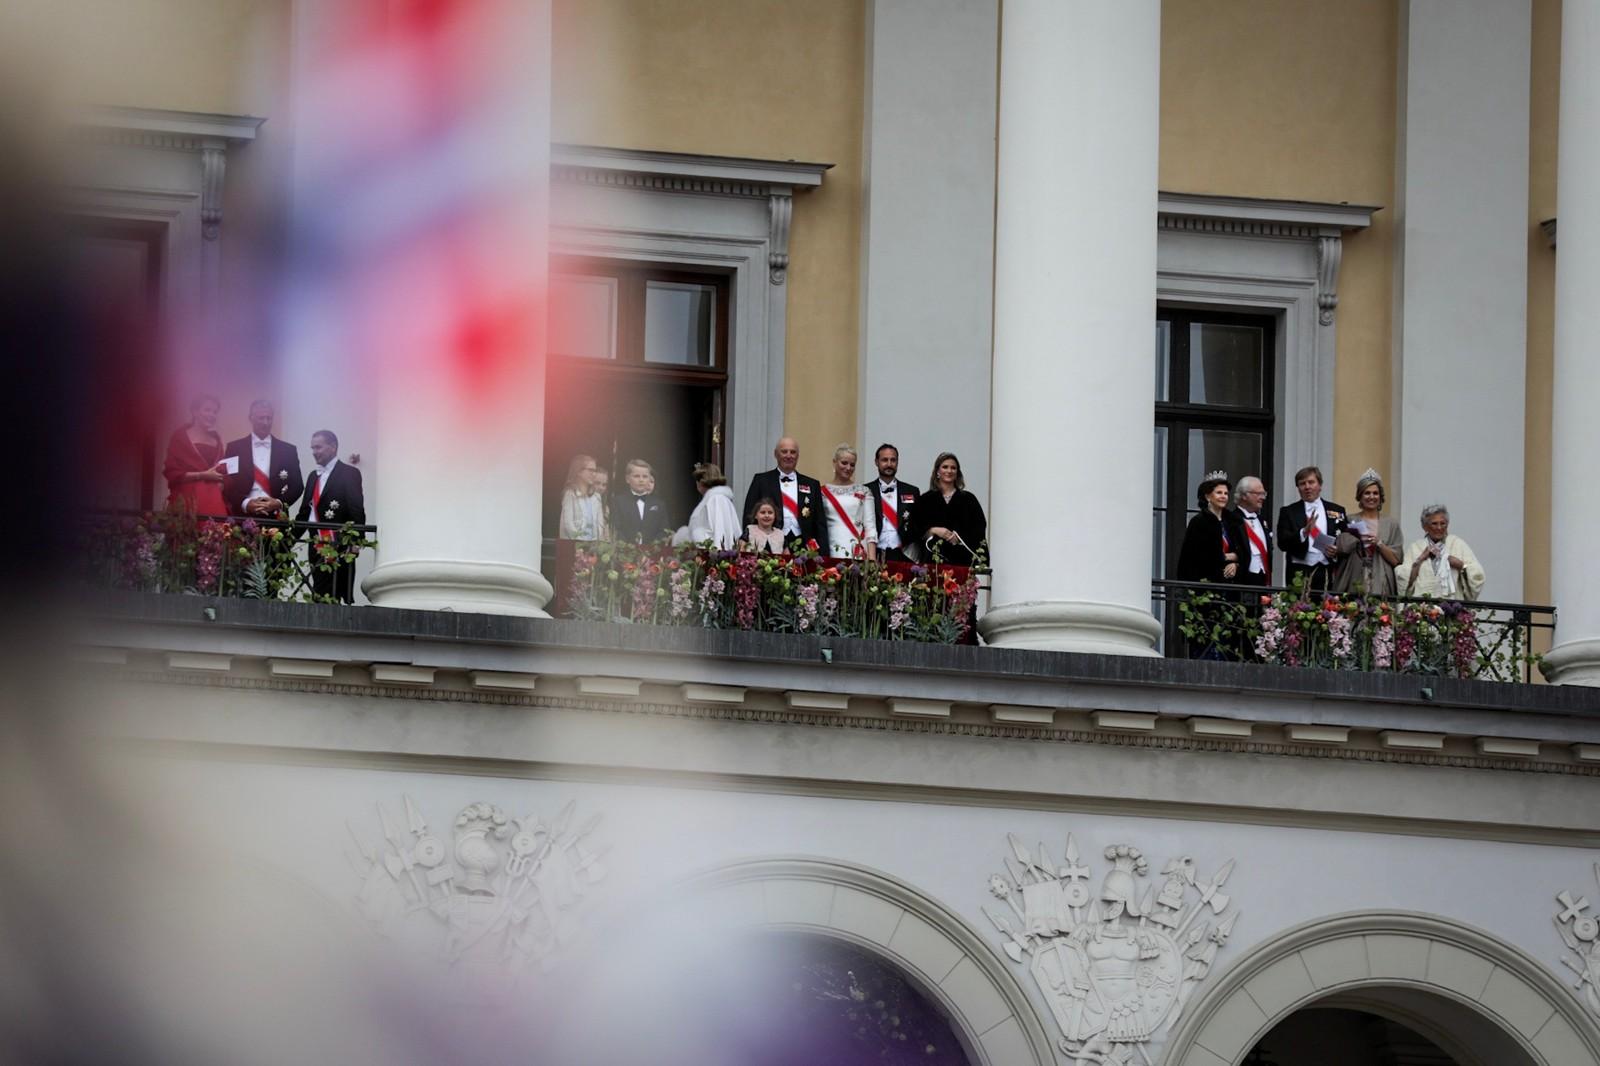 De kongelige på Slottsbalkongen 9. mai 2017.